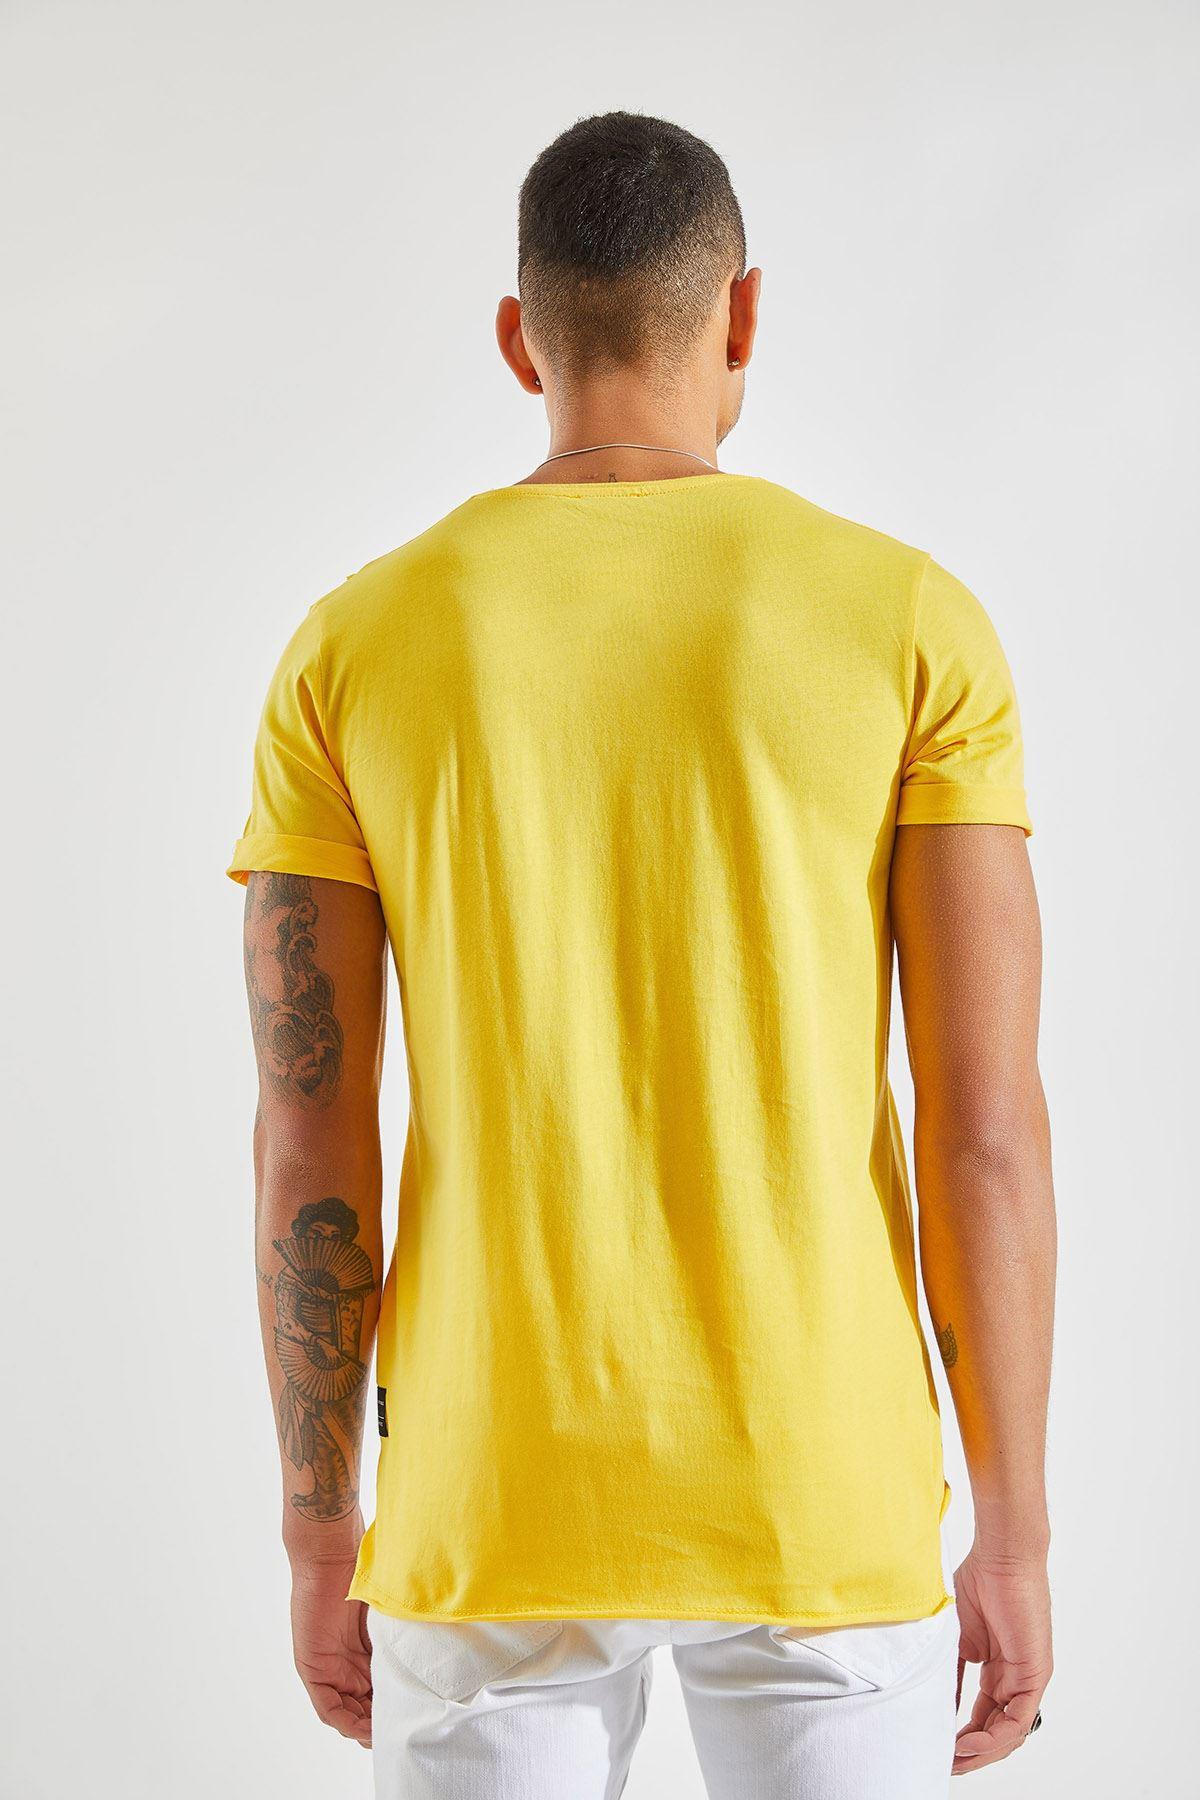 Erkek Cep Karyoka Sarı Tişört